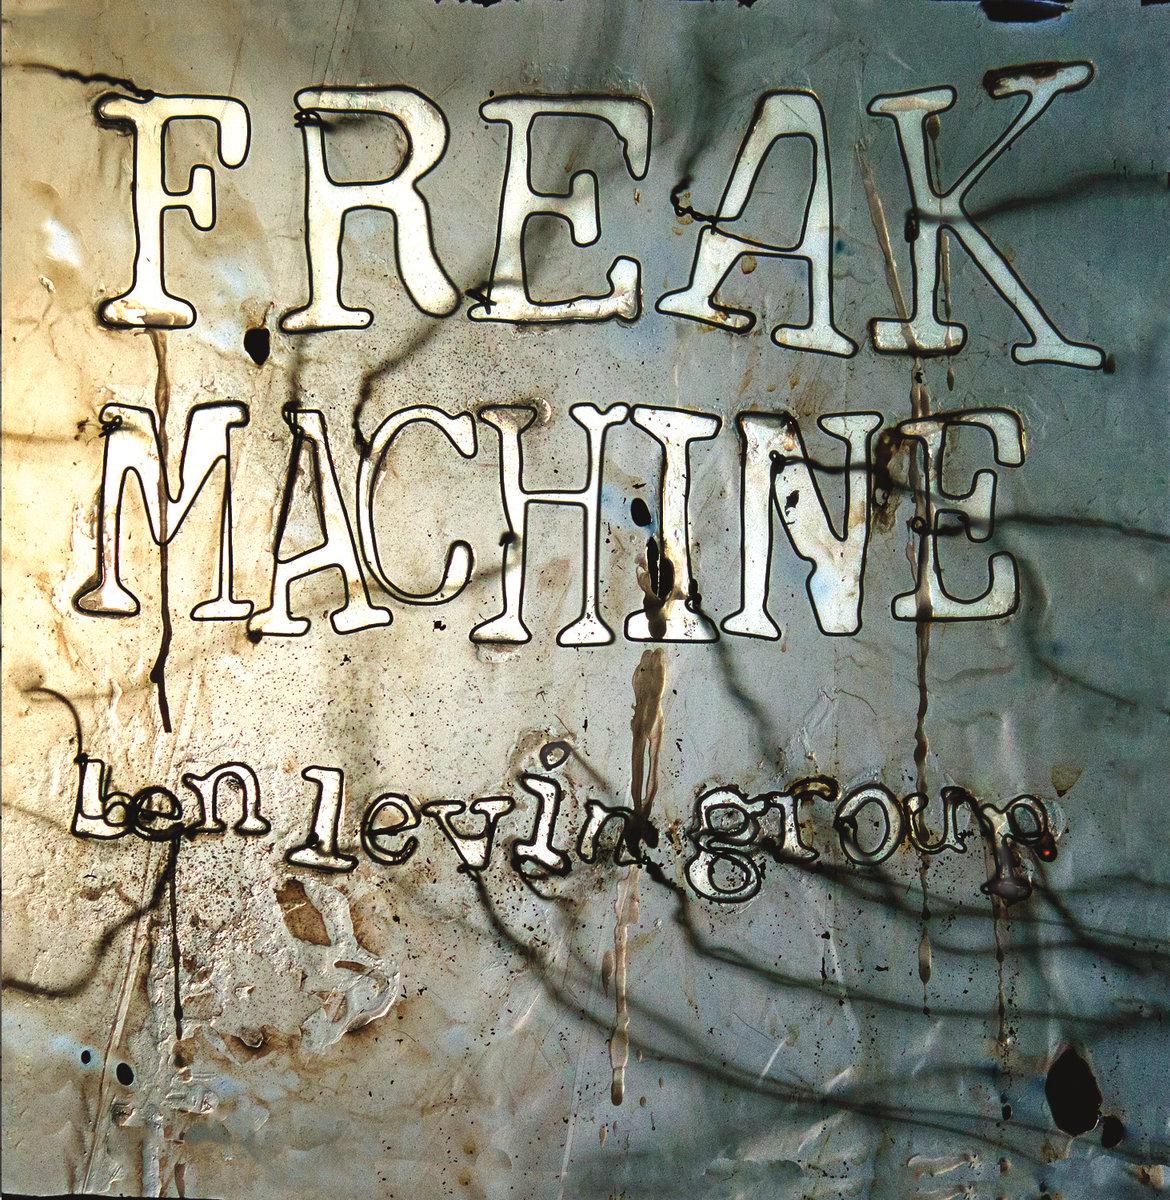 Freak Machine by Ben Levin Group